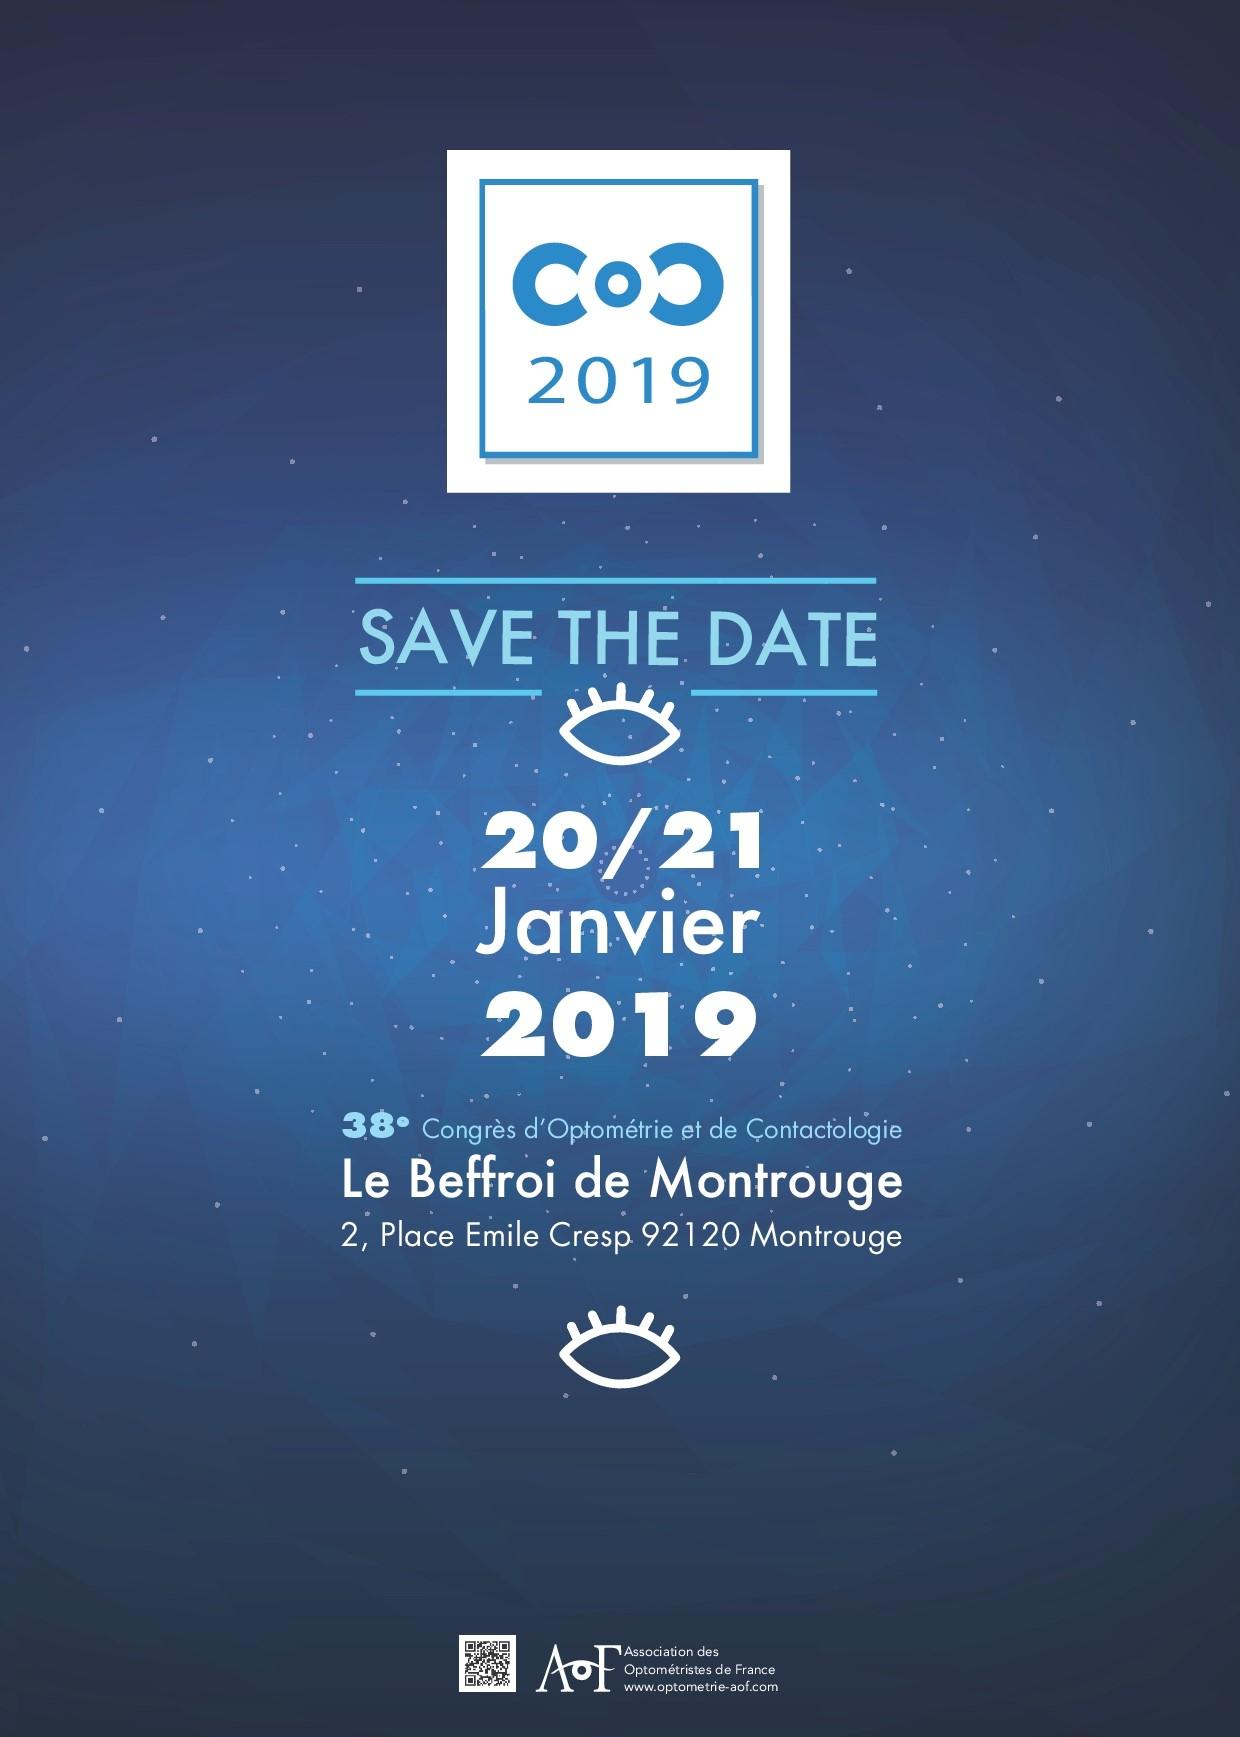 SAVE THE DATE - C.O.C. 2019 - OPTICIEN DE SANTE ET OPTOMÉTRISTE, ETES-VOUS PRÊTS ?